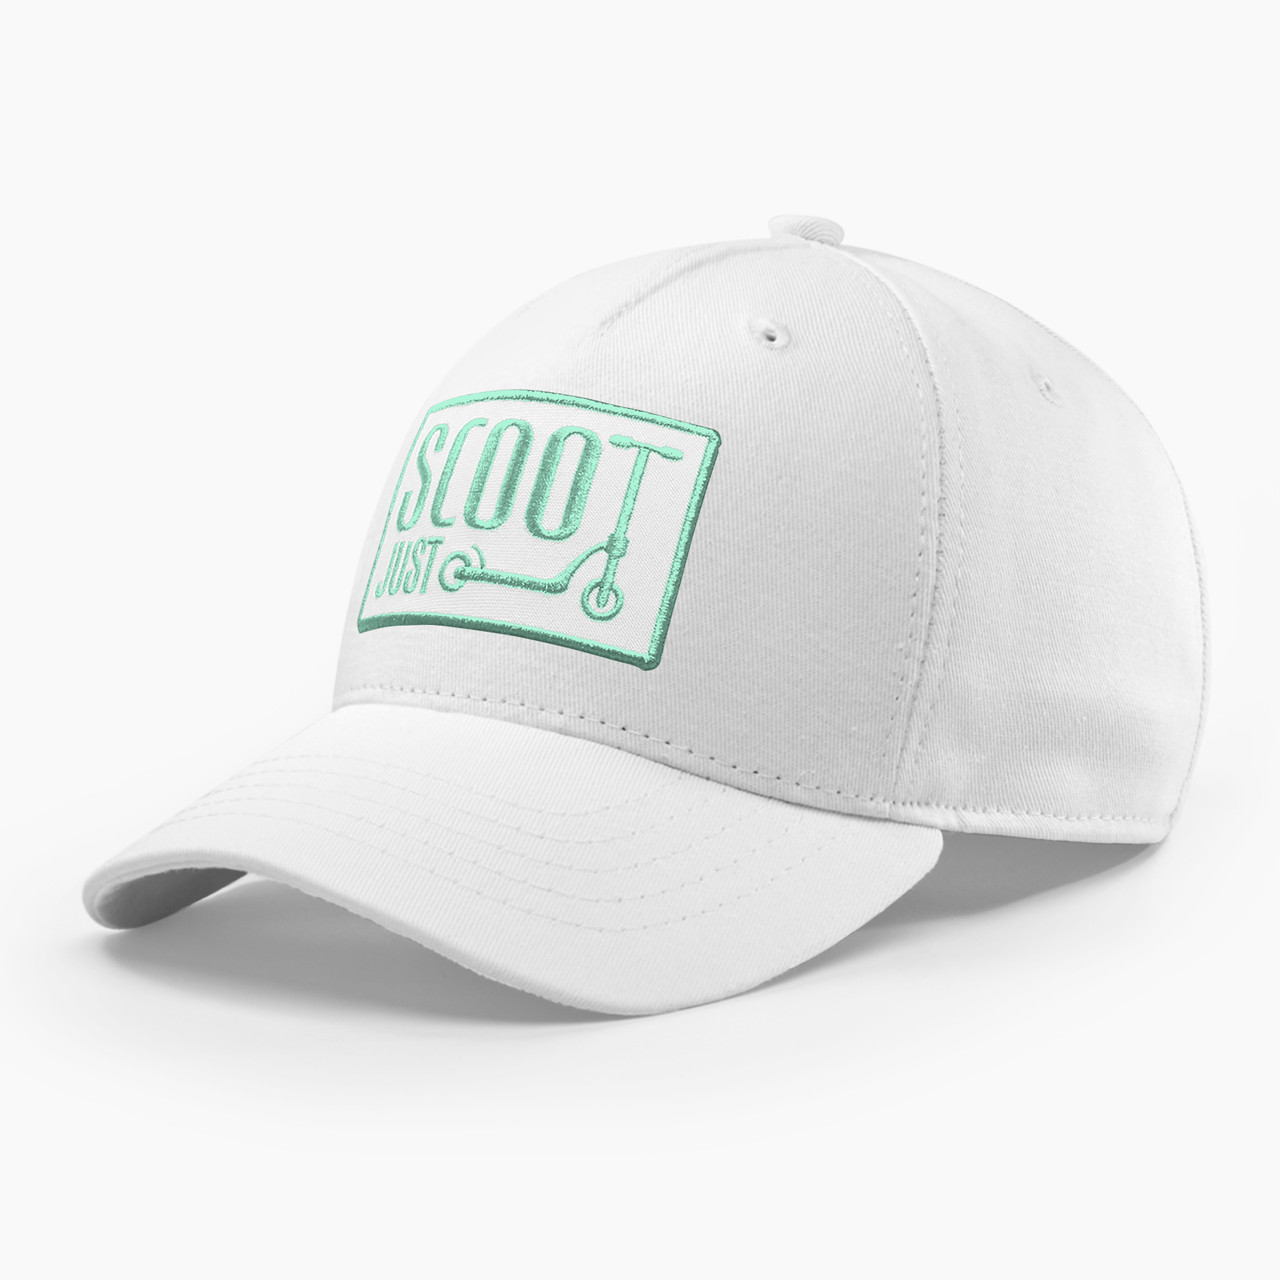 Детская кепка бейсболка для девочки 3-16 лет INAL kick scooter XS / 51-52 RU Белый 231451